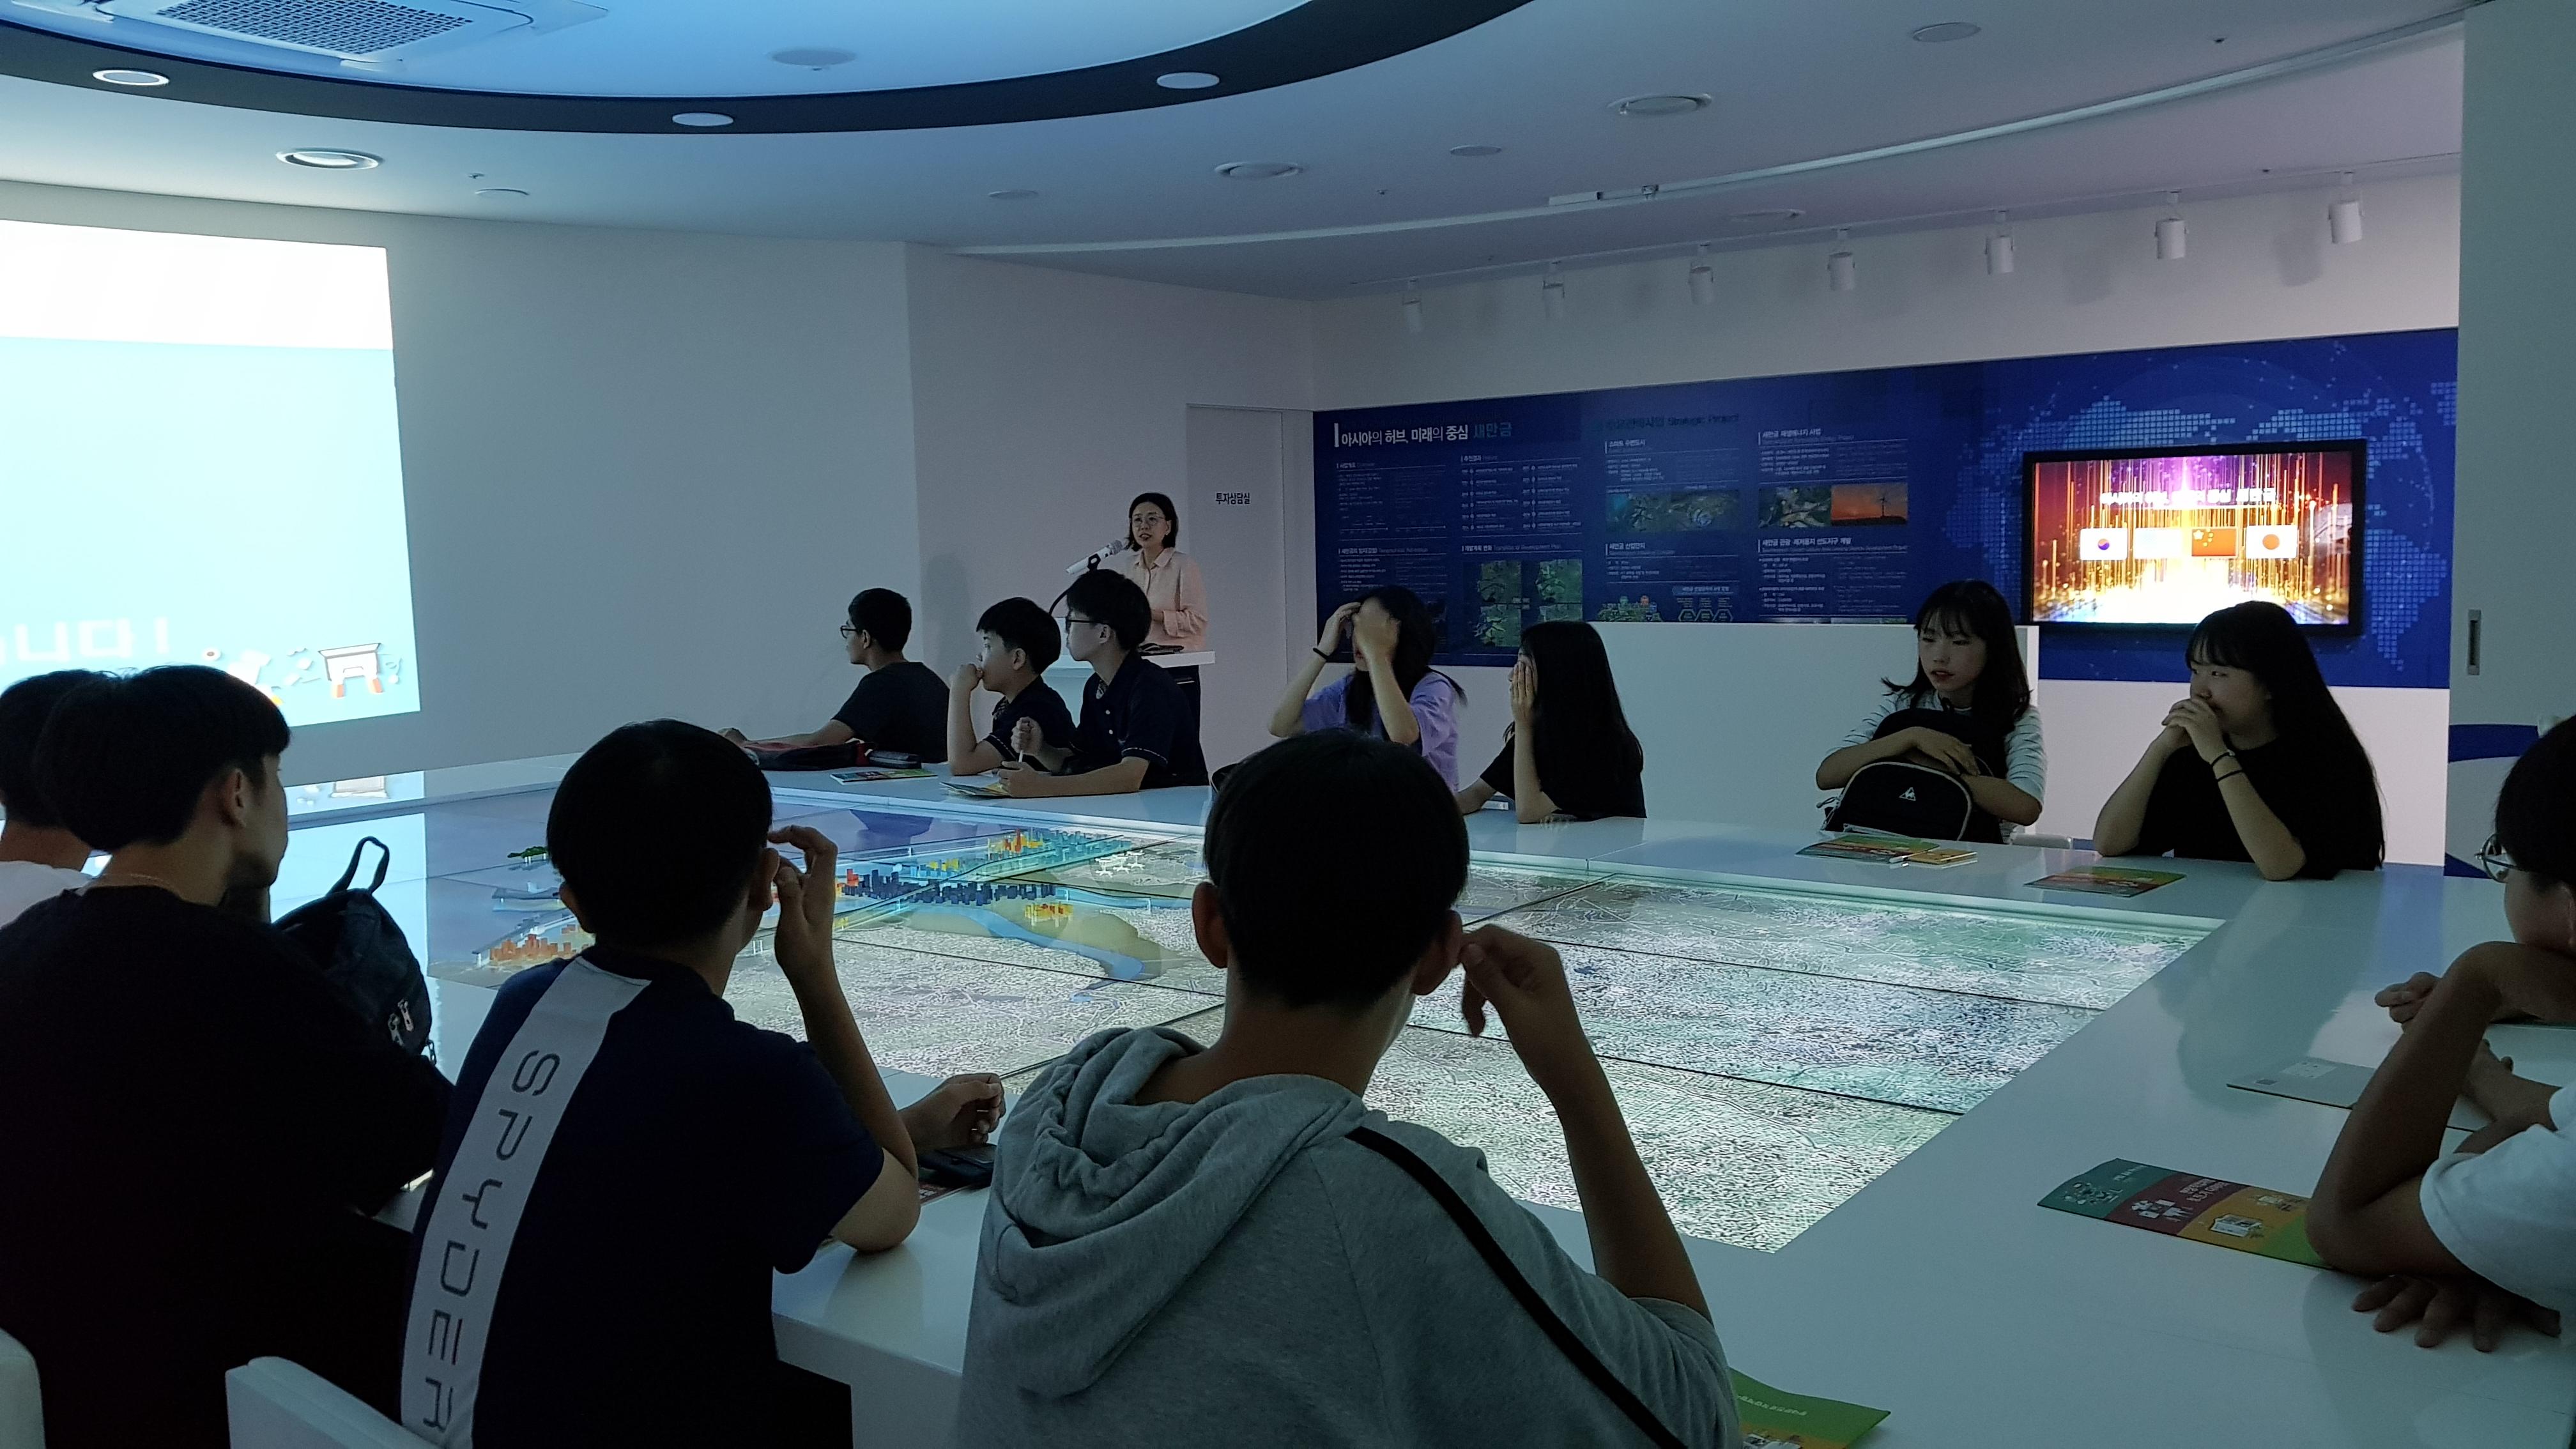 20190704 성일중 청.진.기 새만금 투자 전시관 (1)